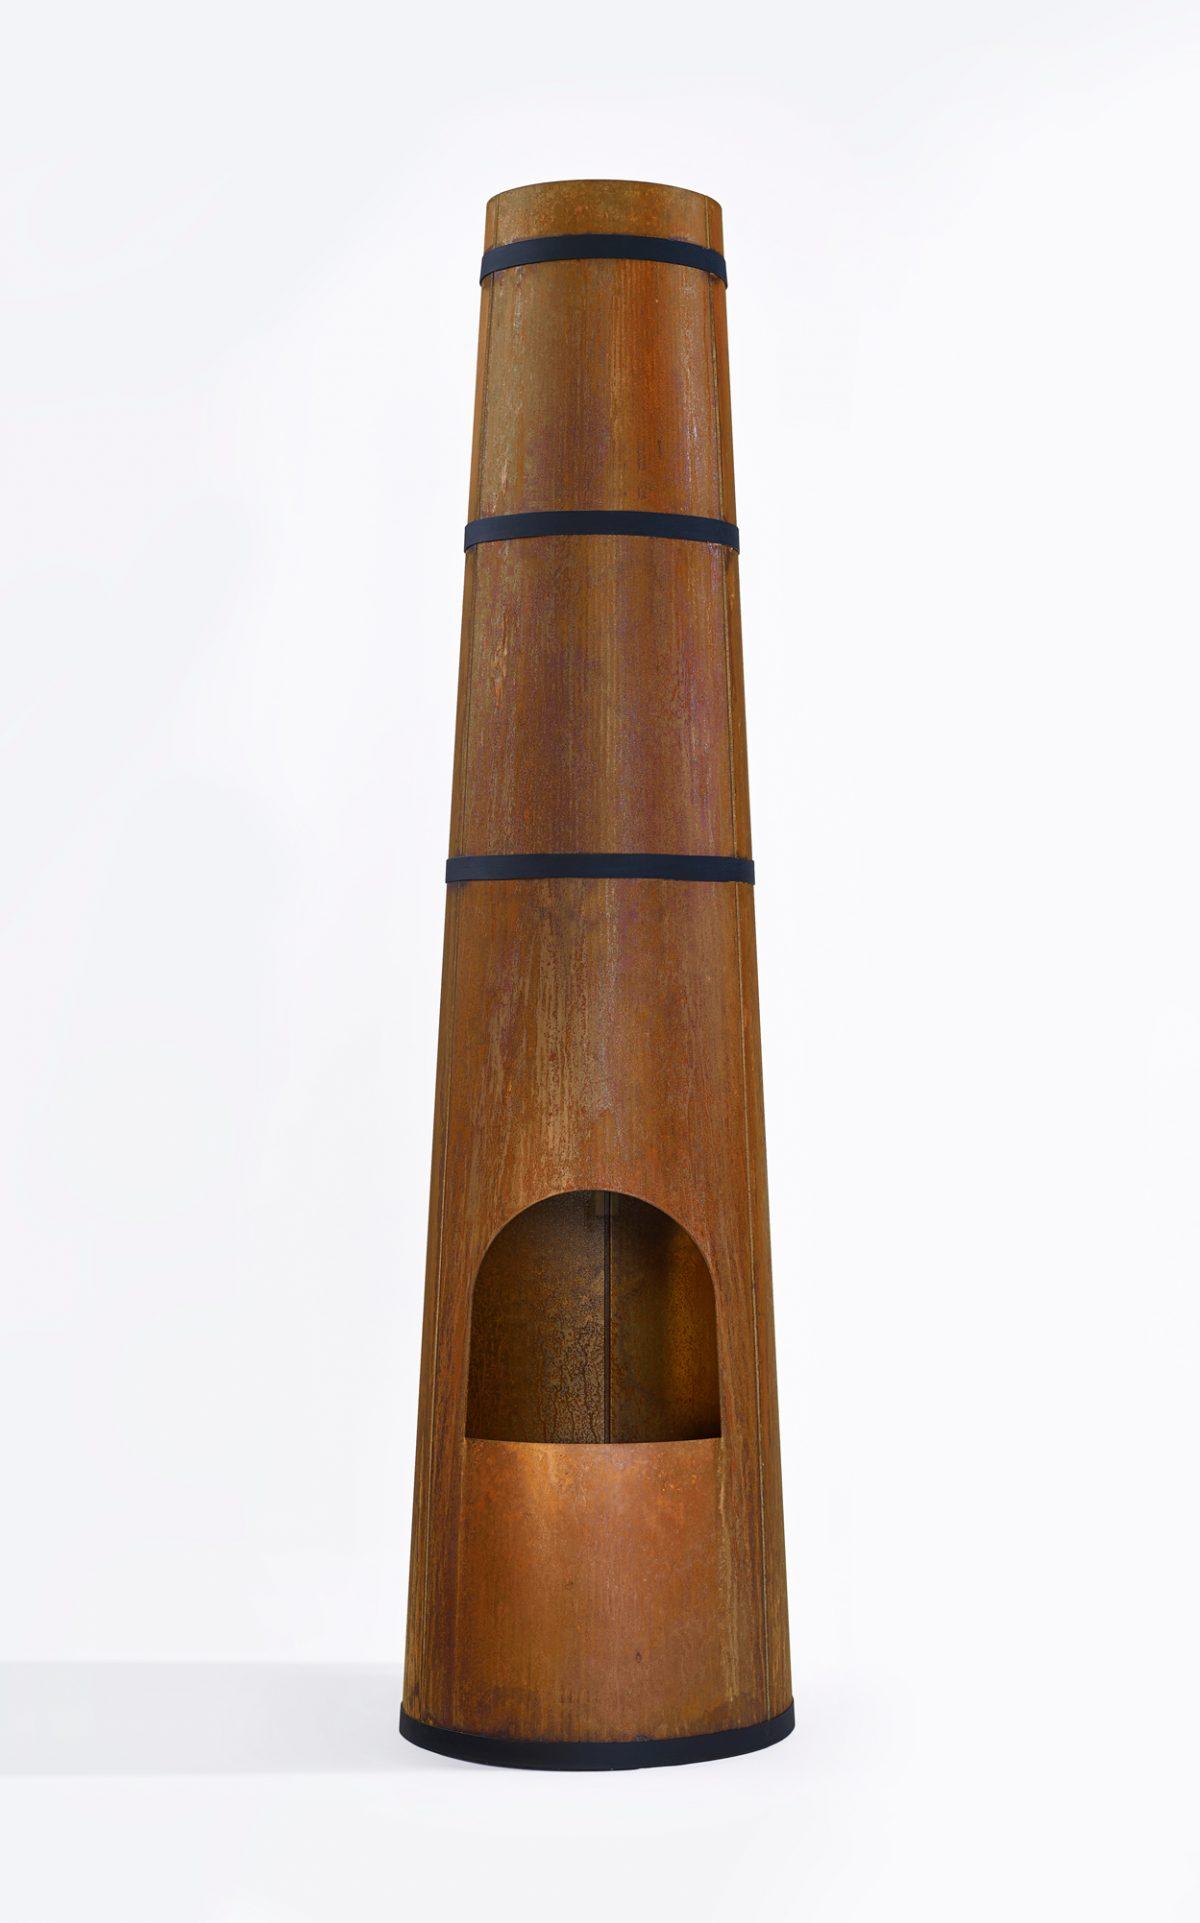 Smokestack cortenstaal tuinhaard – Frederik Roijé